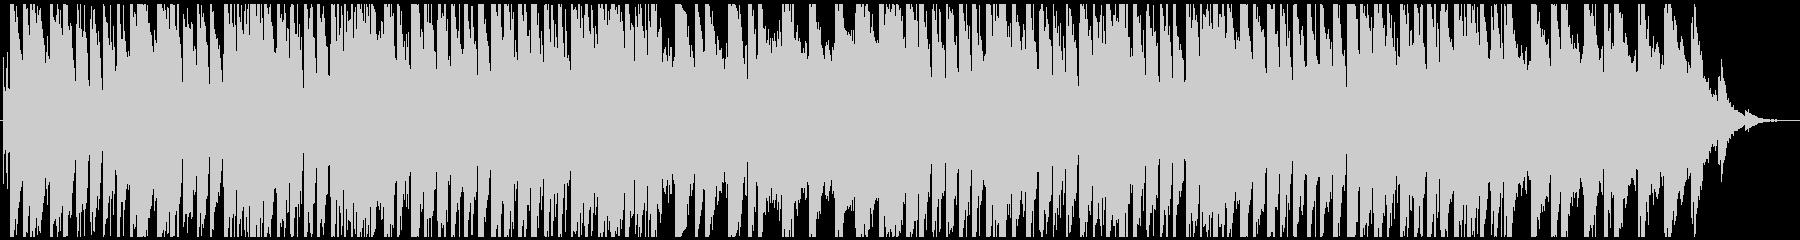 しっとり、ゆったり、琴が奏でる和風BGMの未再生の波形